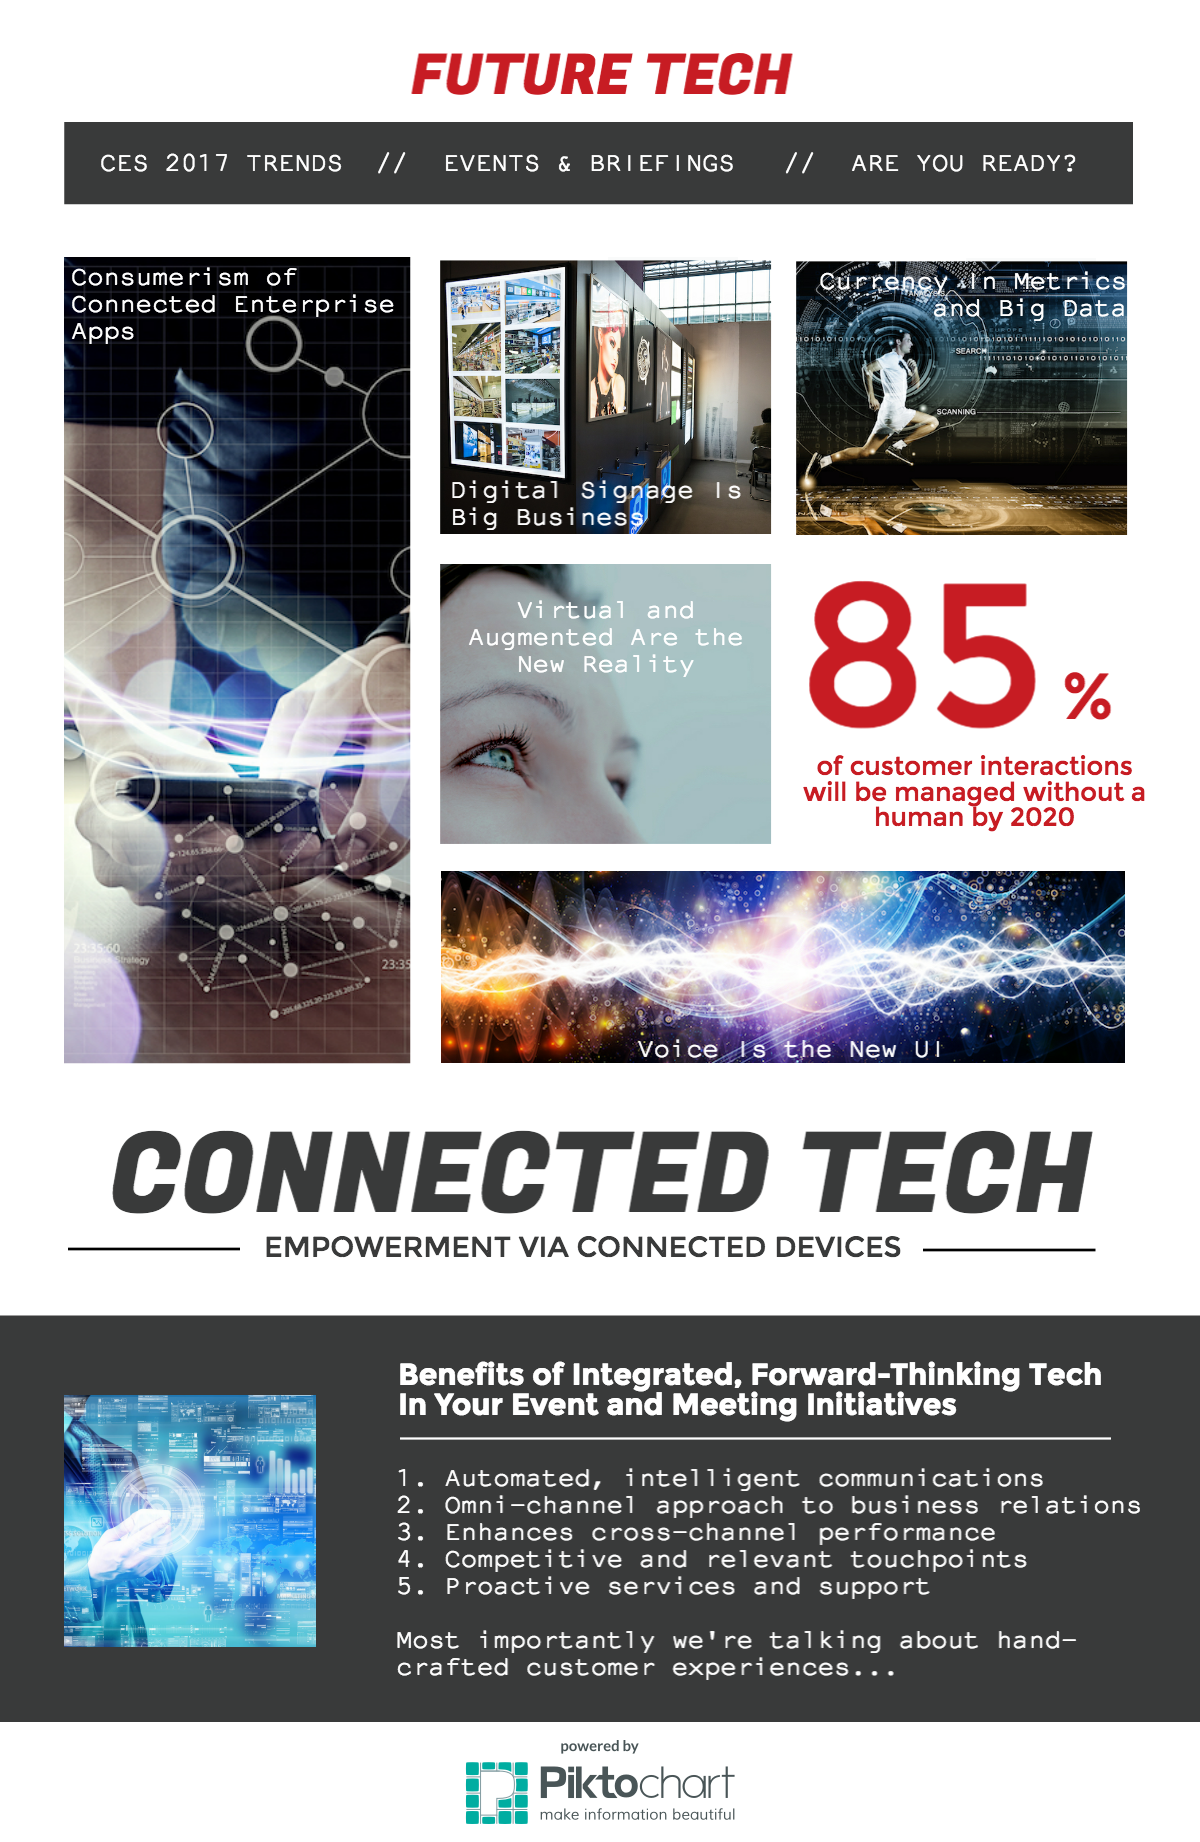 TechTrendsCES2017